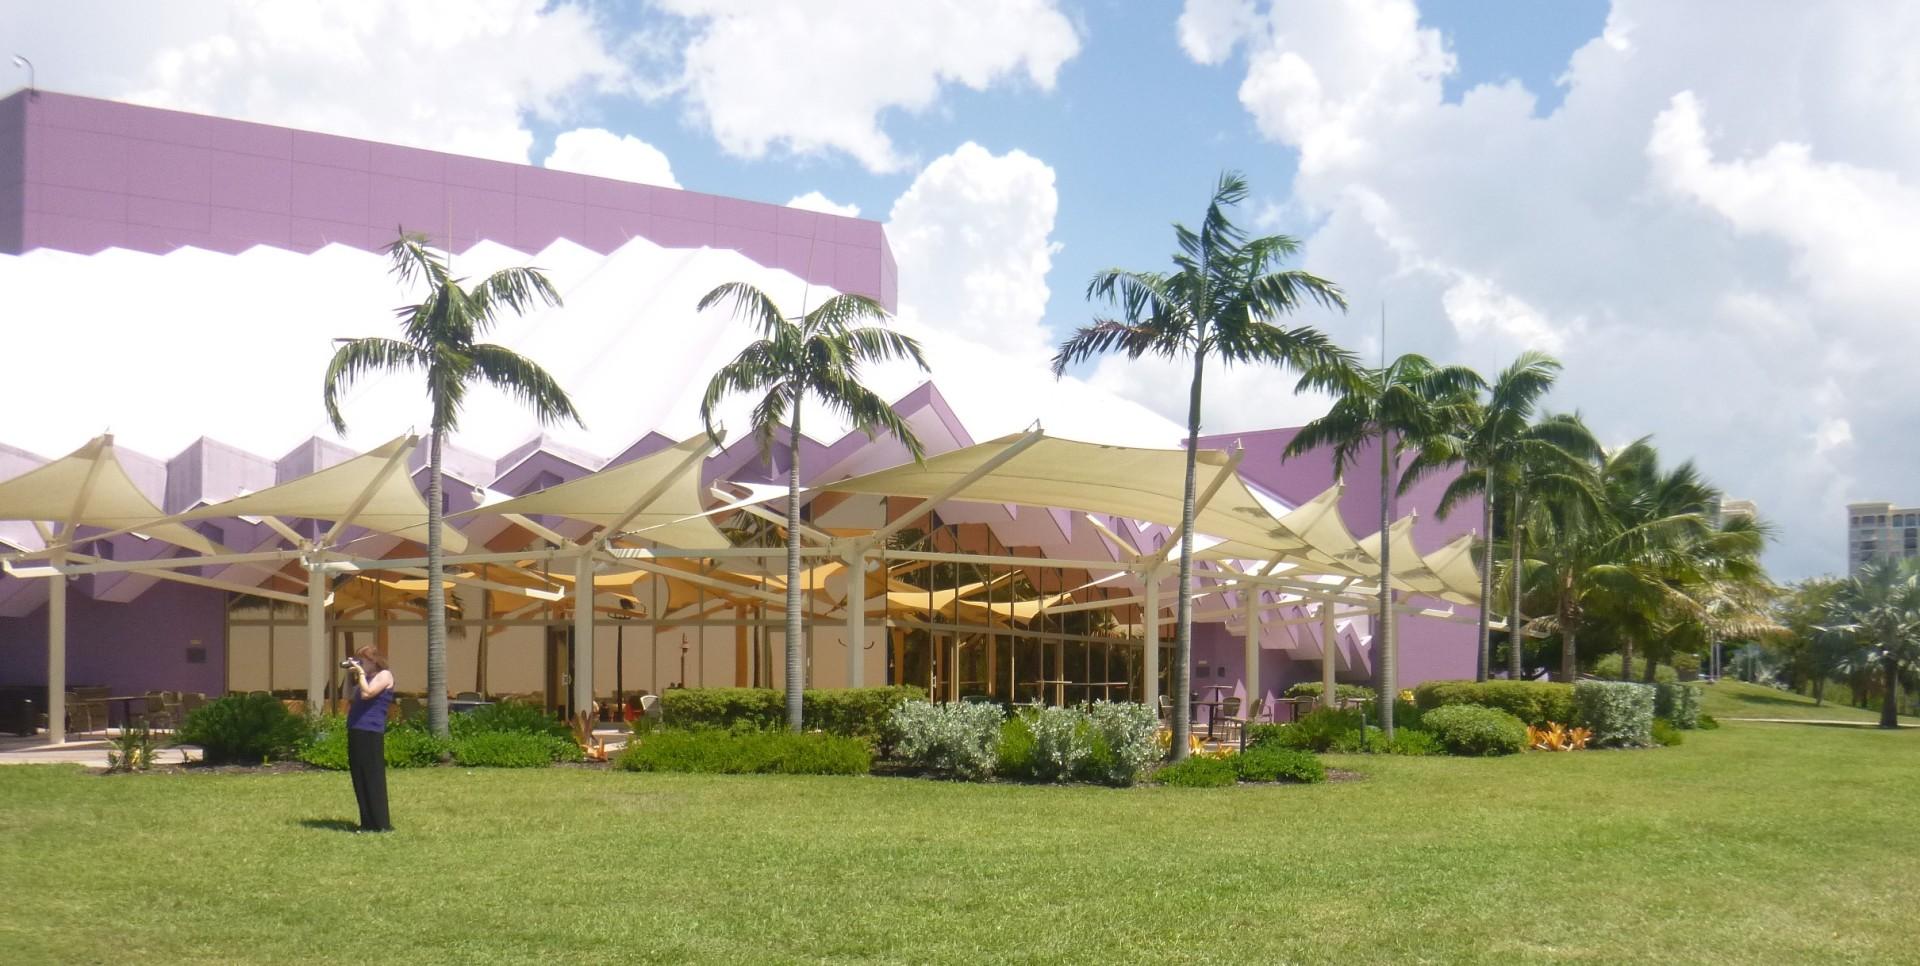 Van Wezel Reception Hall